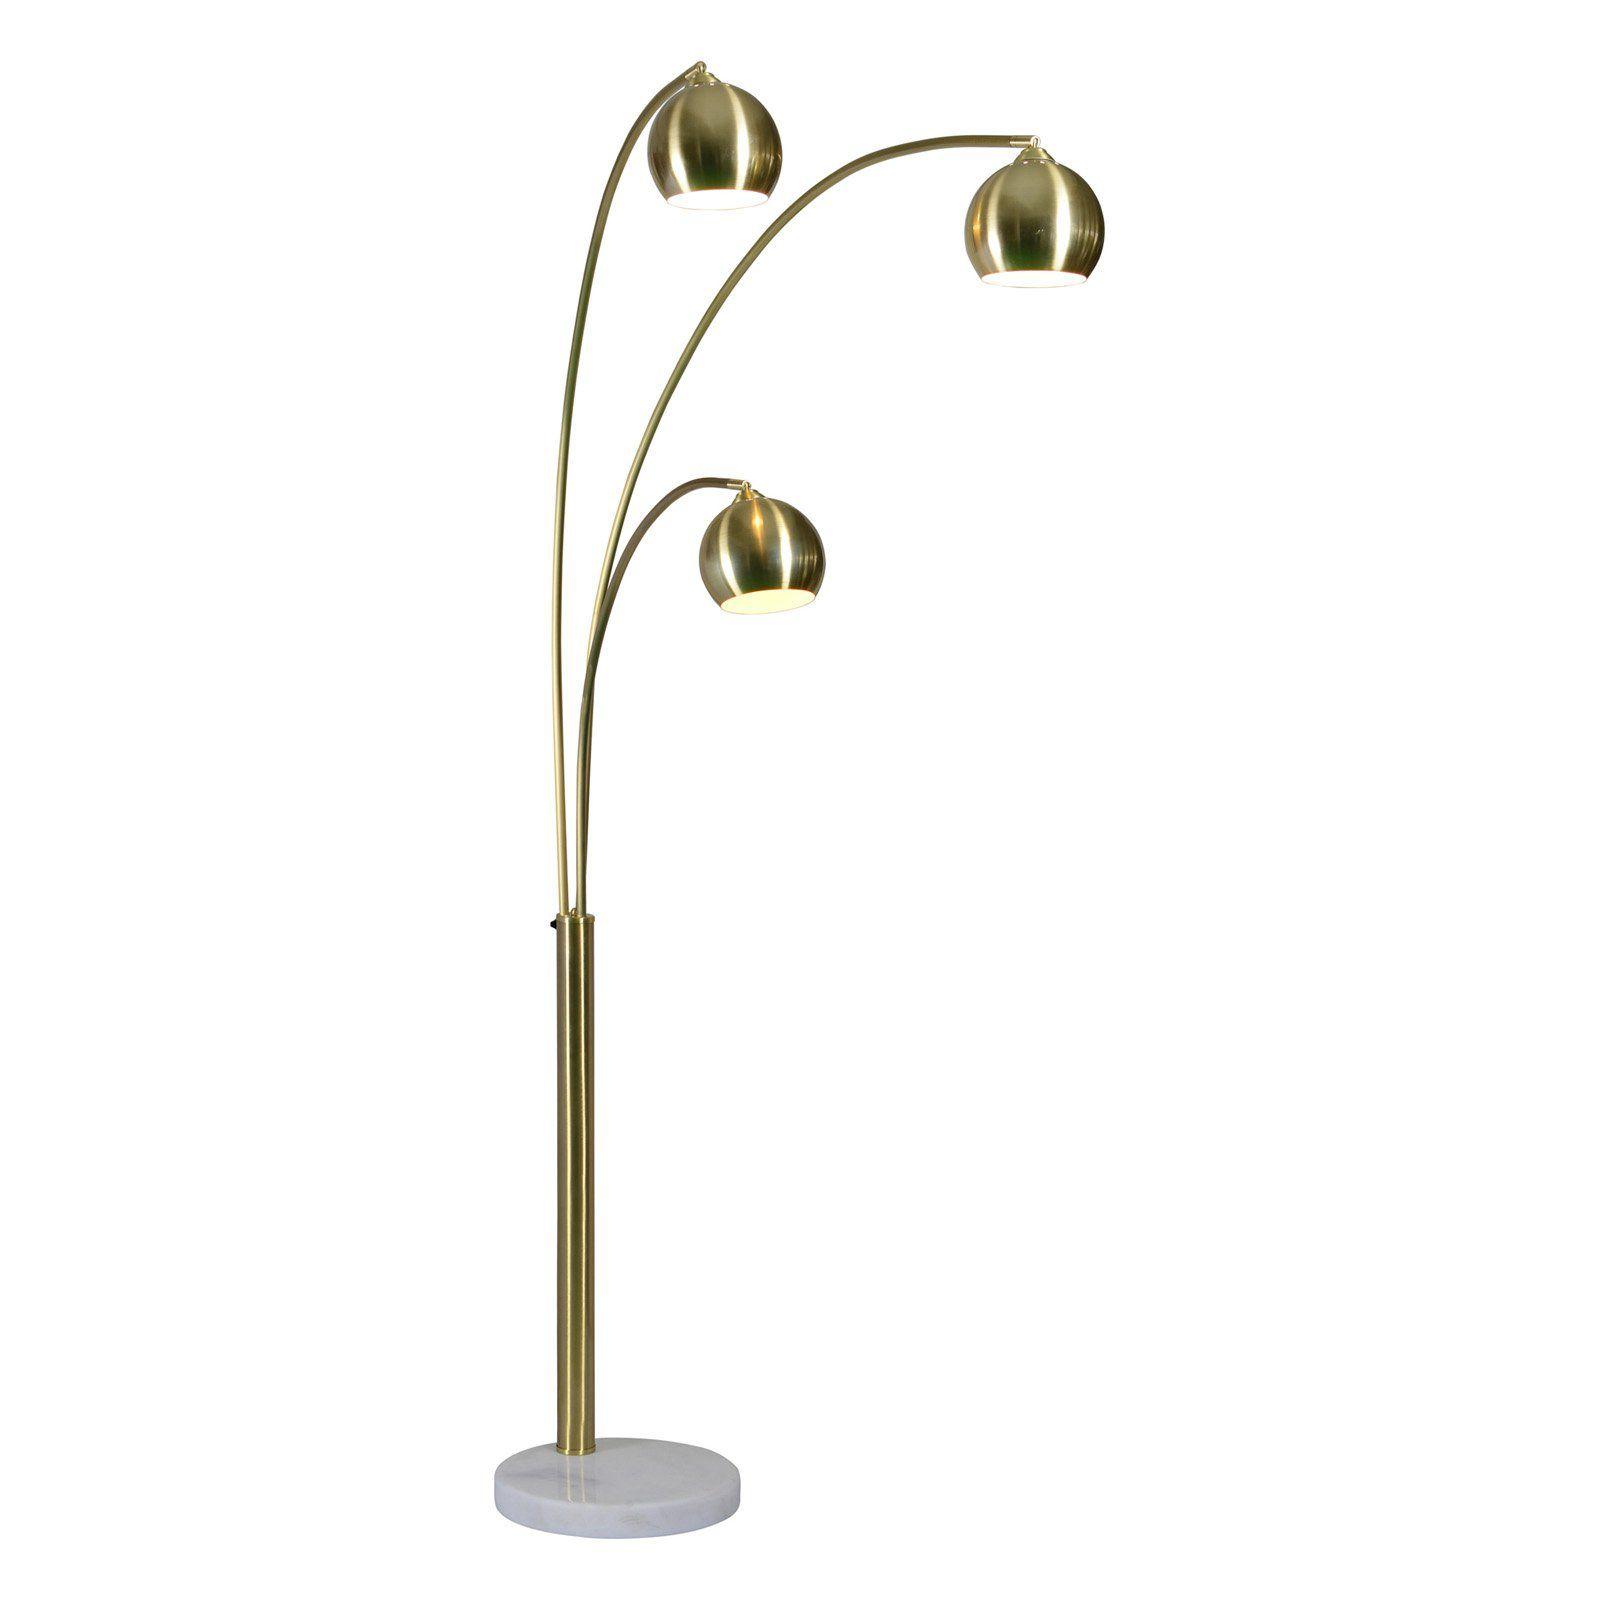 renwil dorset floor lamp